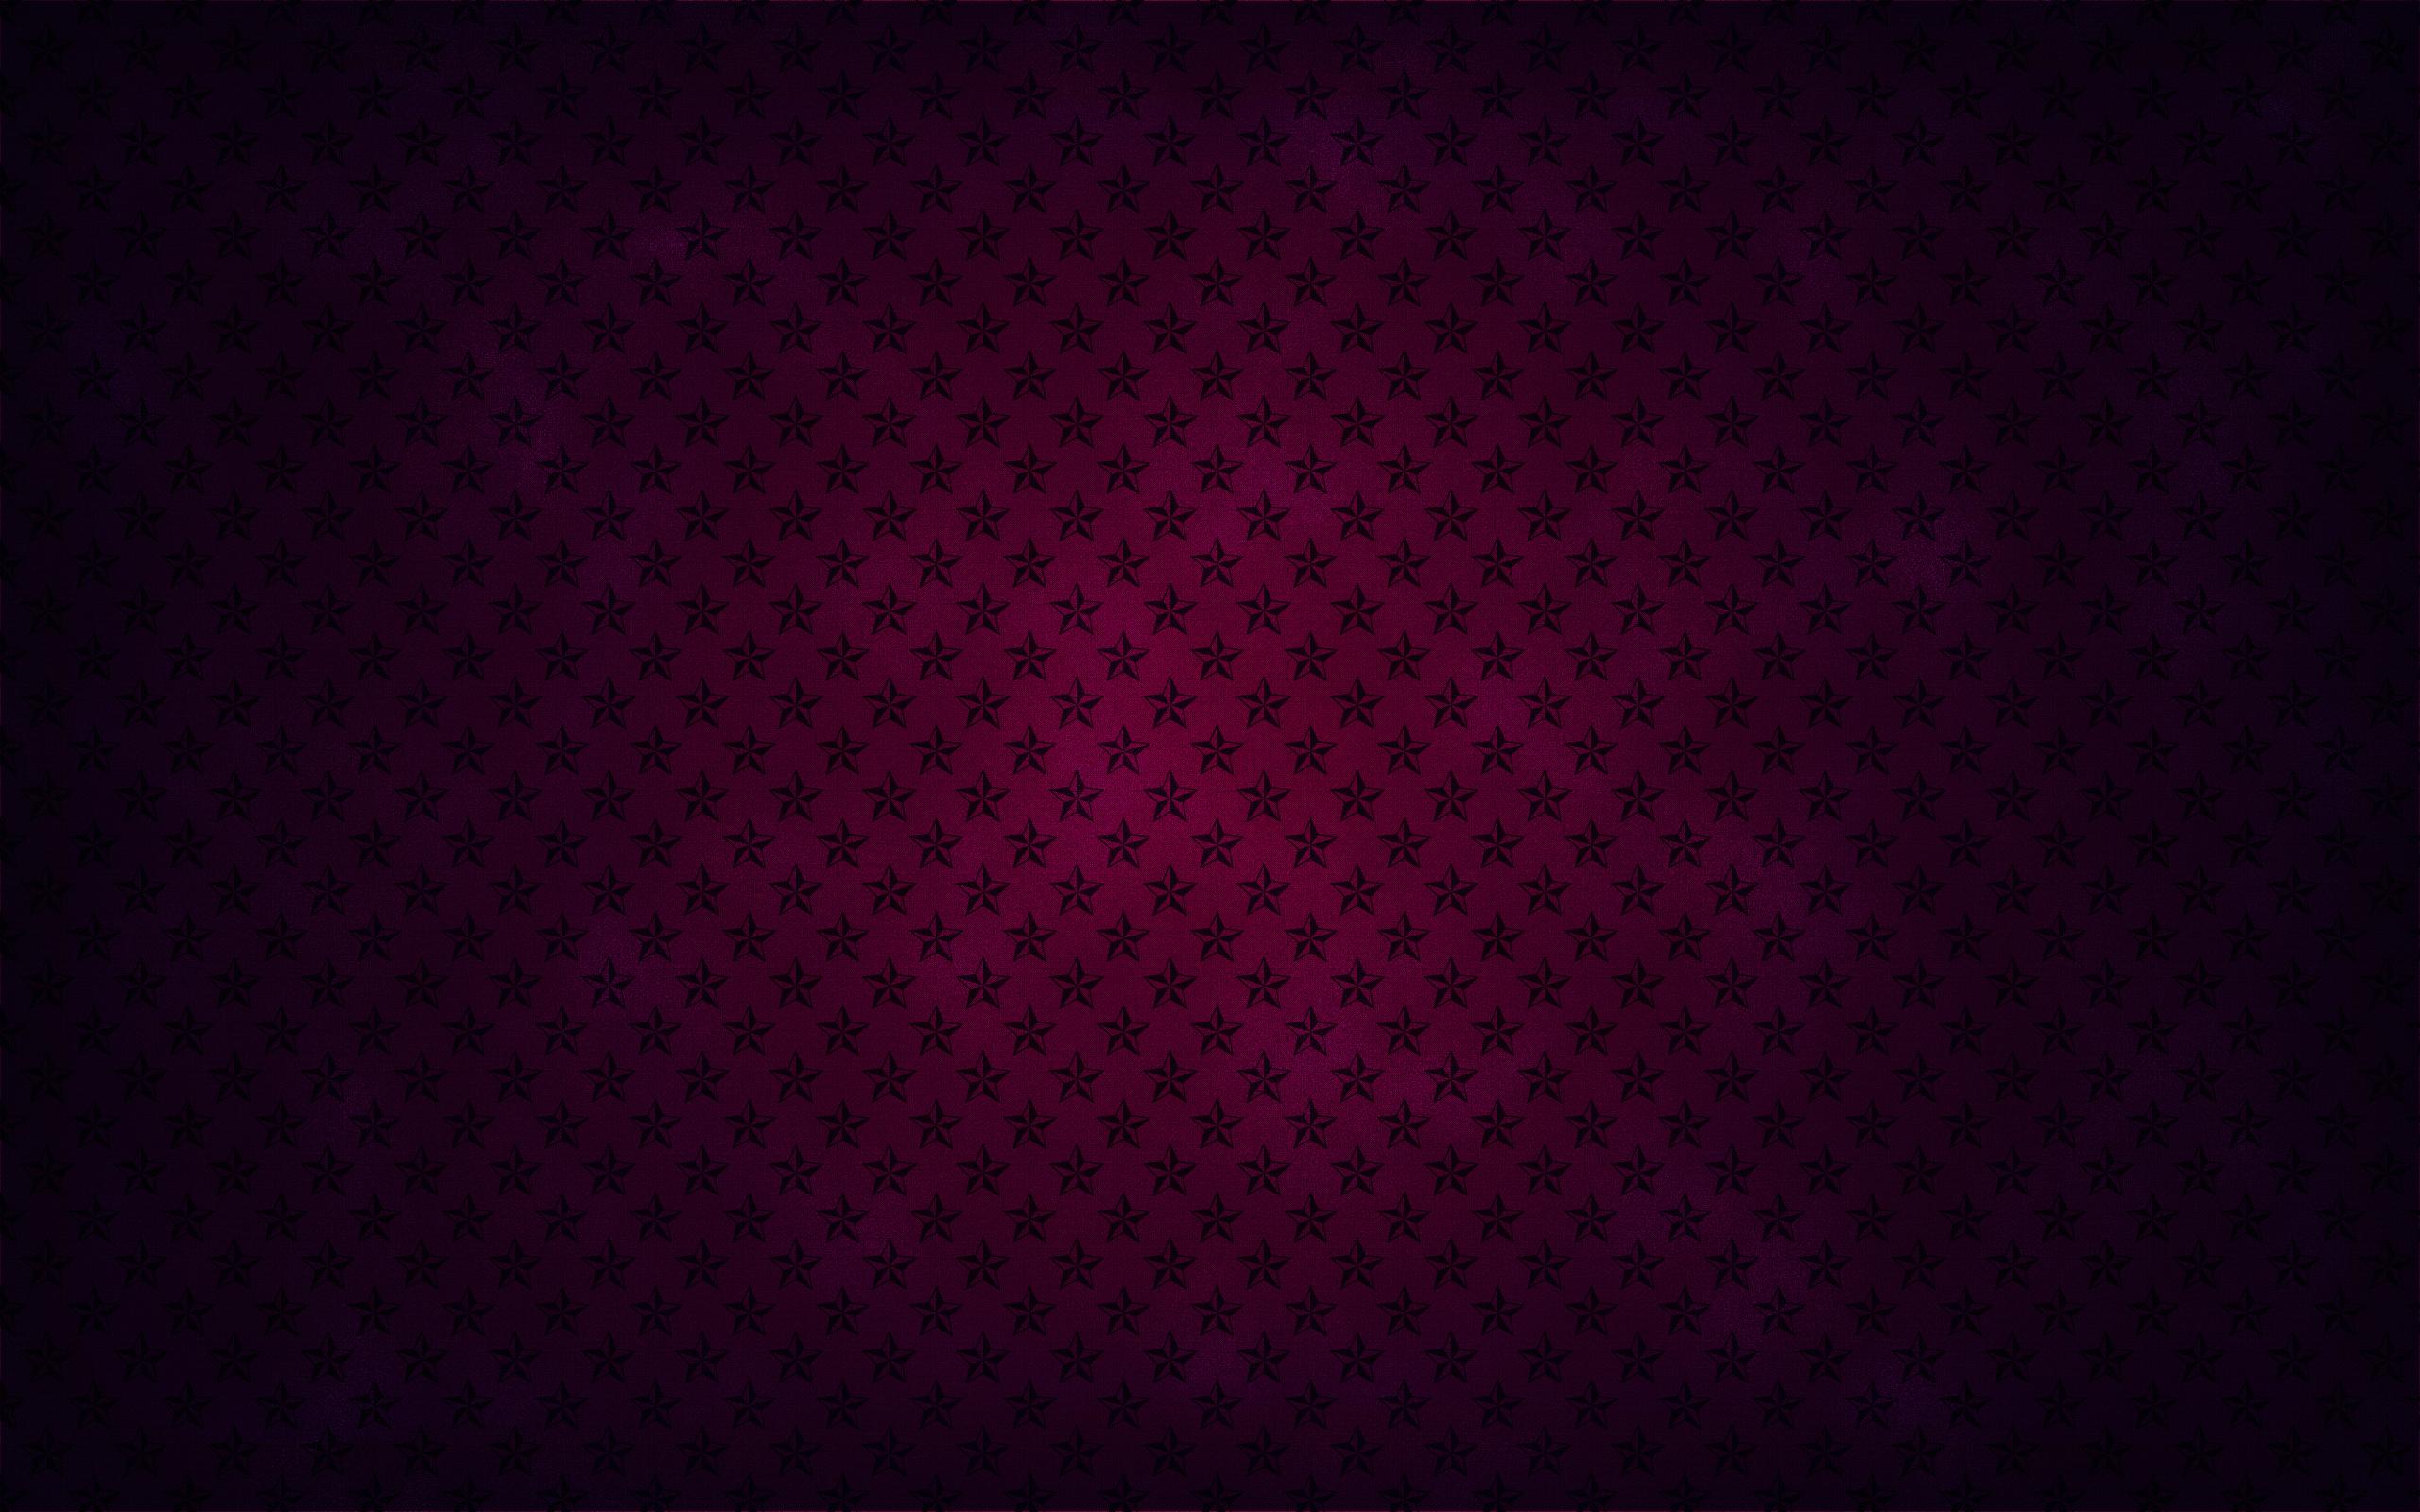 [Resim: pattern_texture1179gnsiy.jpg]